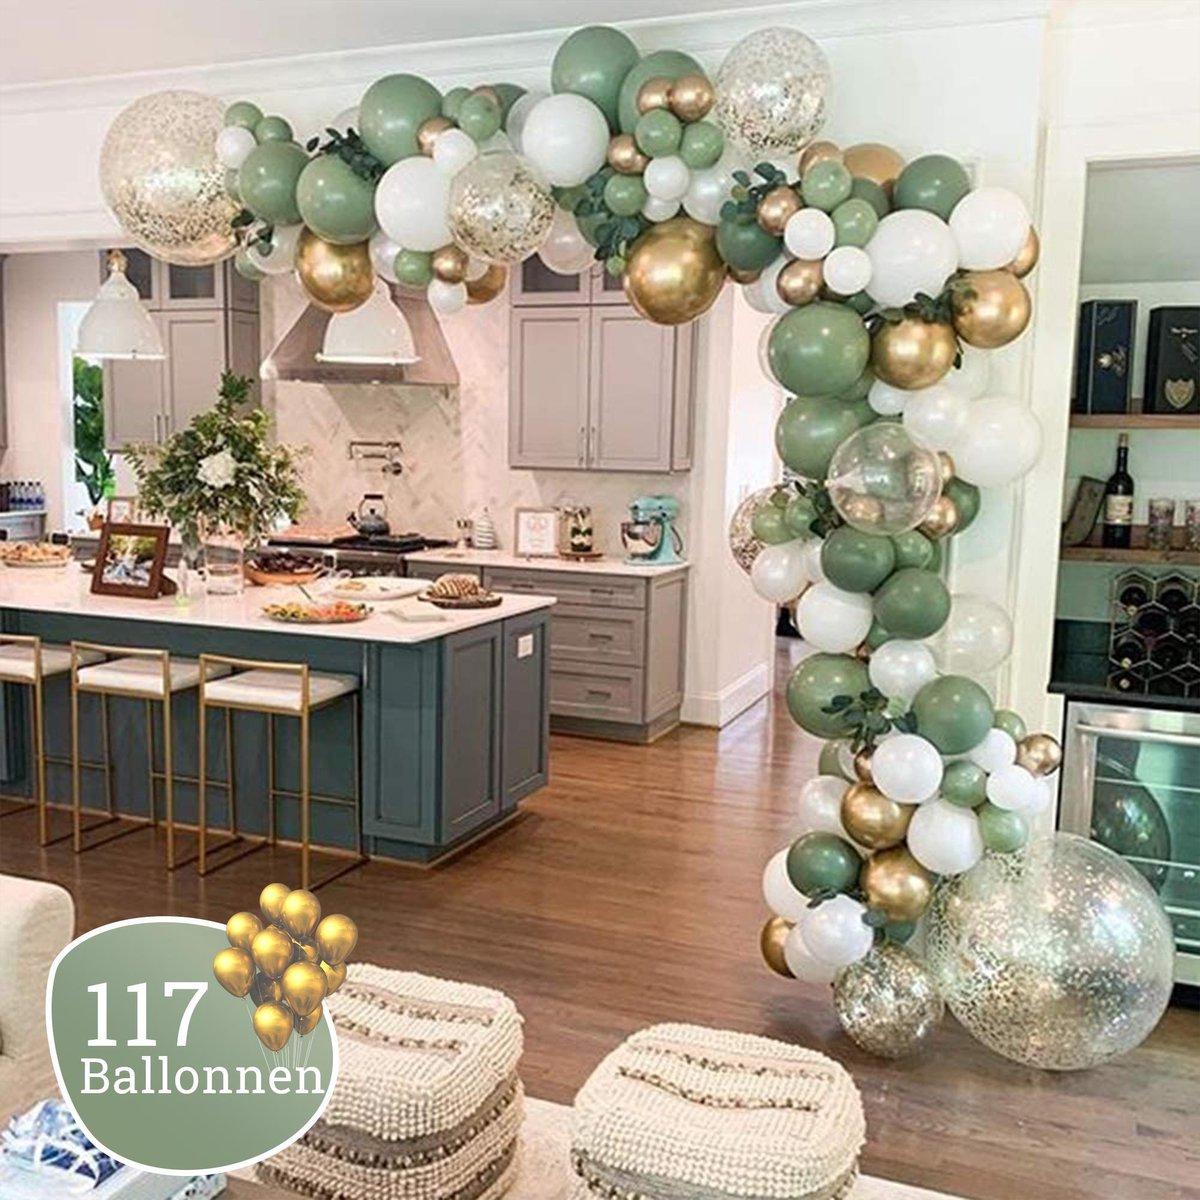 Ballonnenboog Olijfgroen - Diy - Blush - Incl. Pomp en Ophanghaakjes - 117 Ballonnen - Verjaardag -